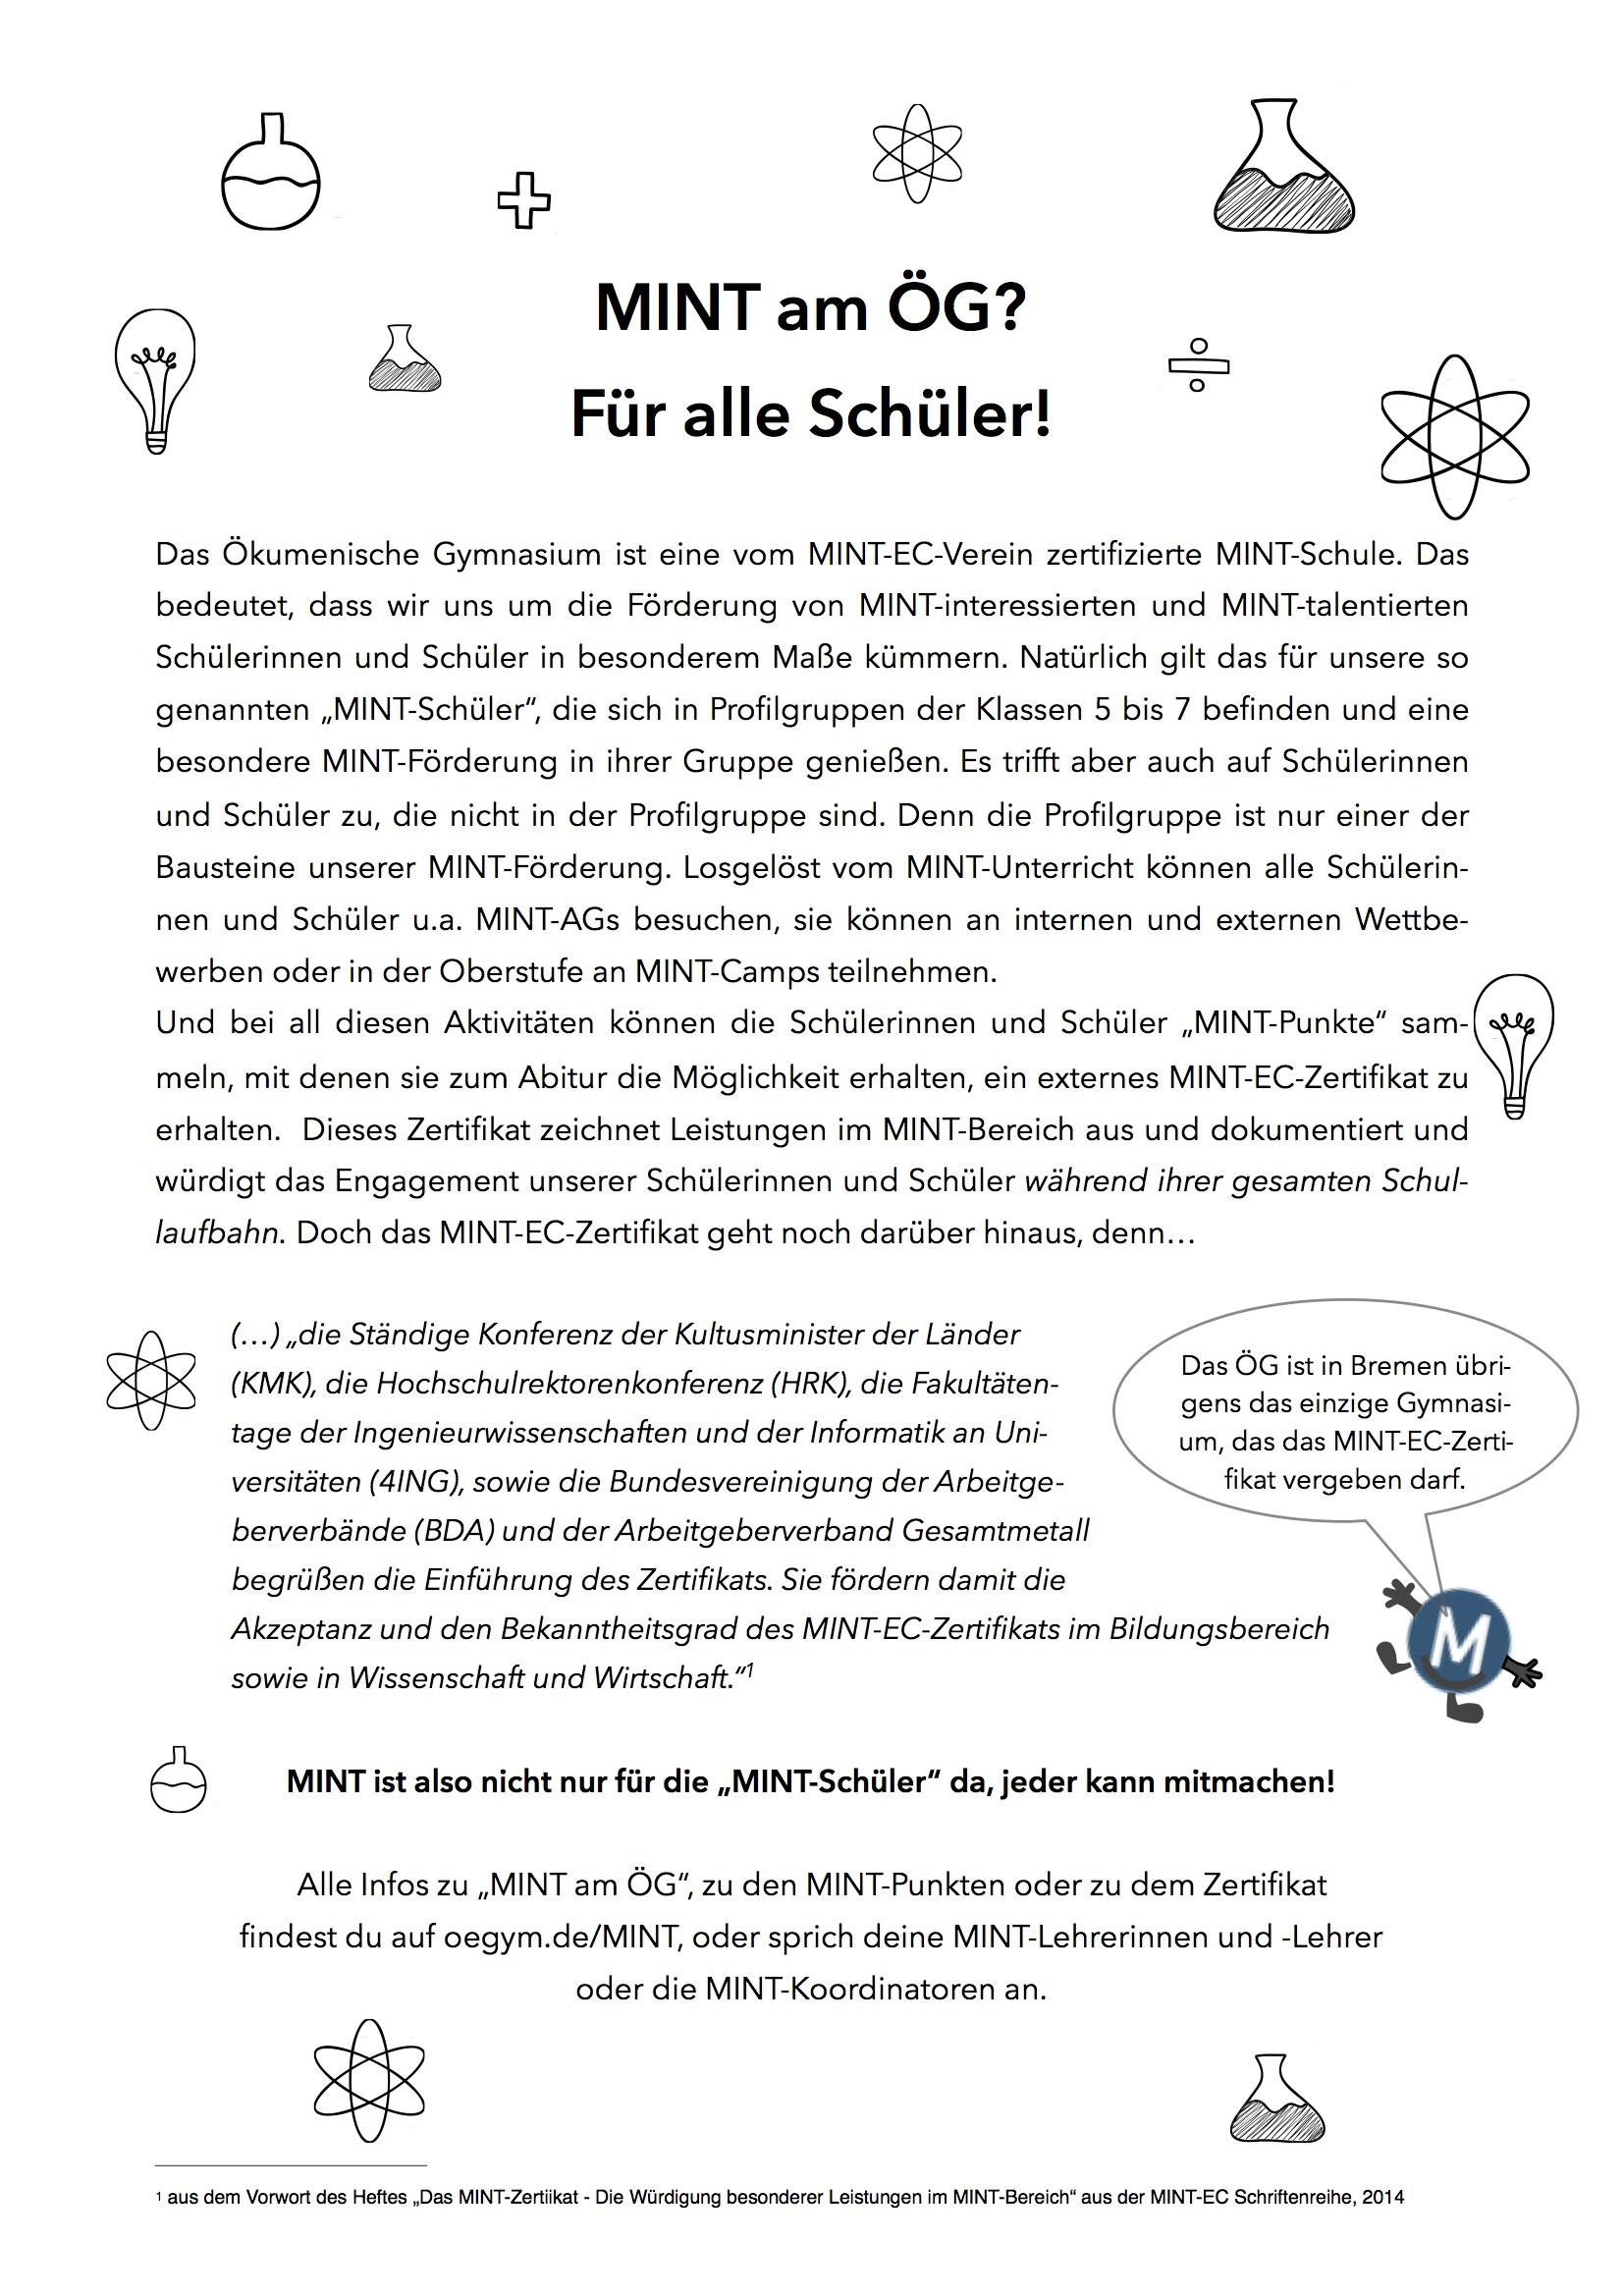 Ungewöhnlich Freie Leistung Zertifikate Ideen - FORTSETZUNG ...